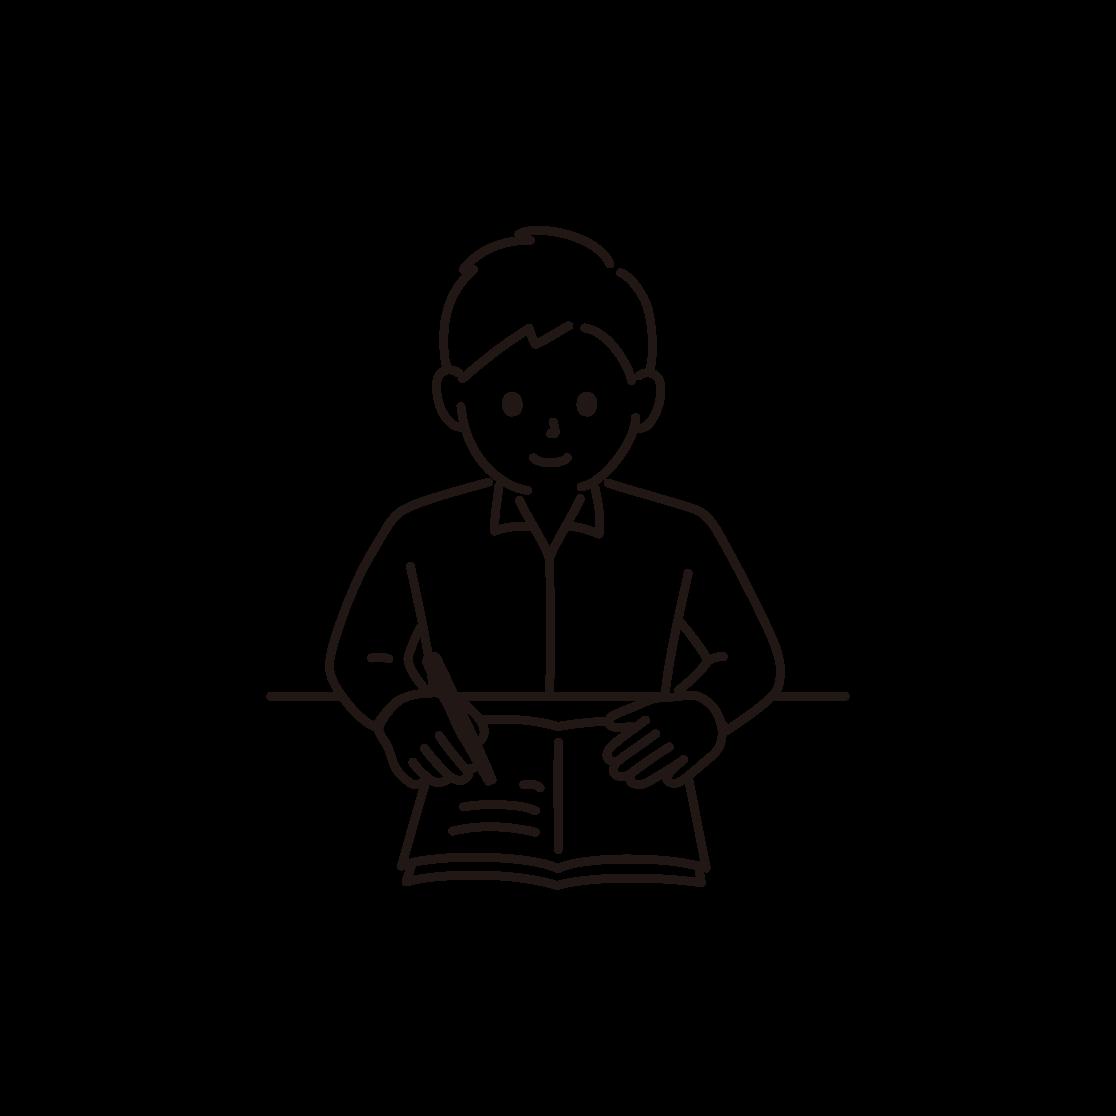 勉強をする男性のイラスト(線画)